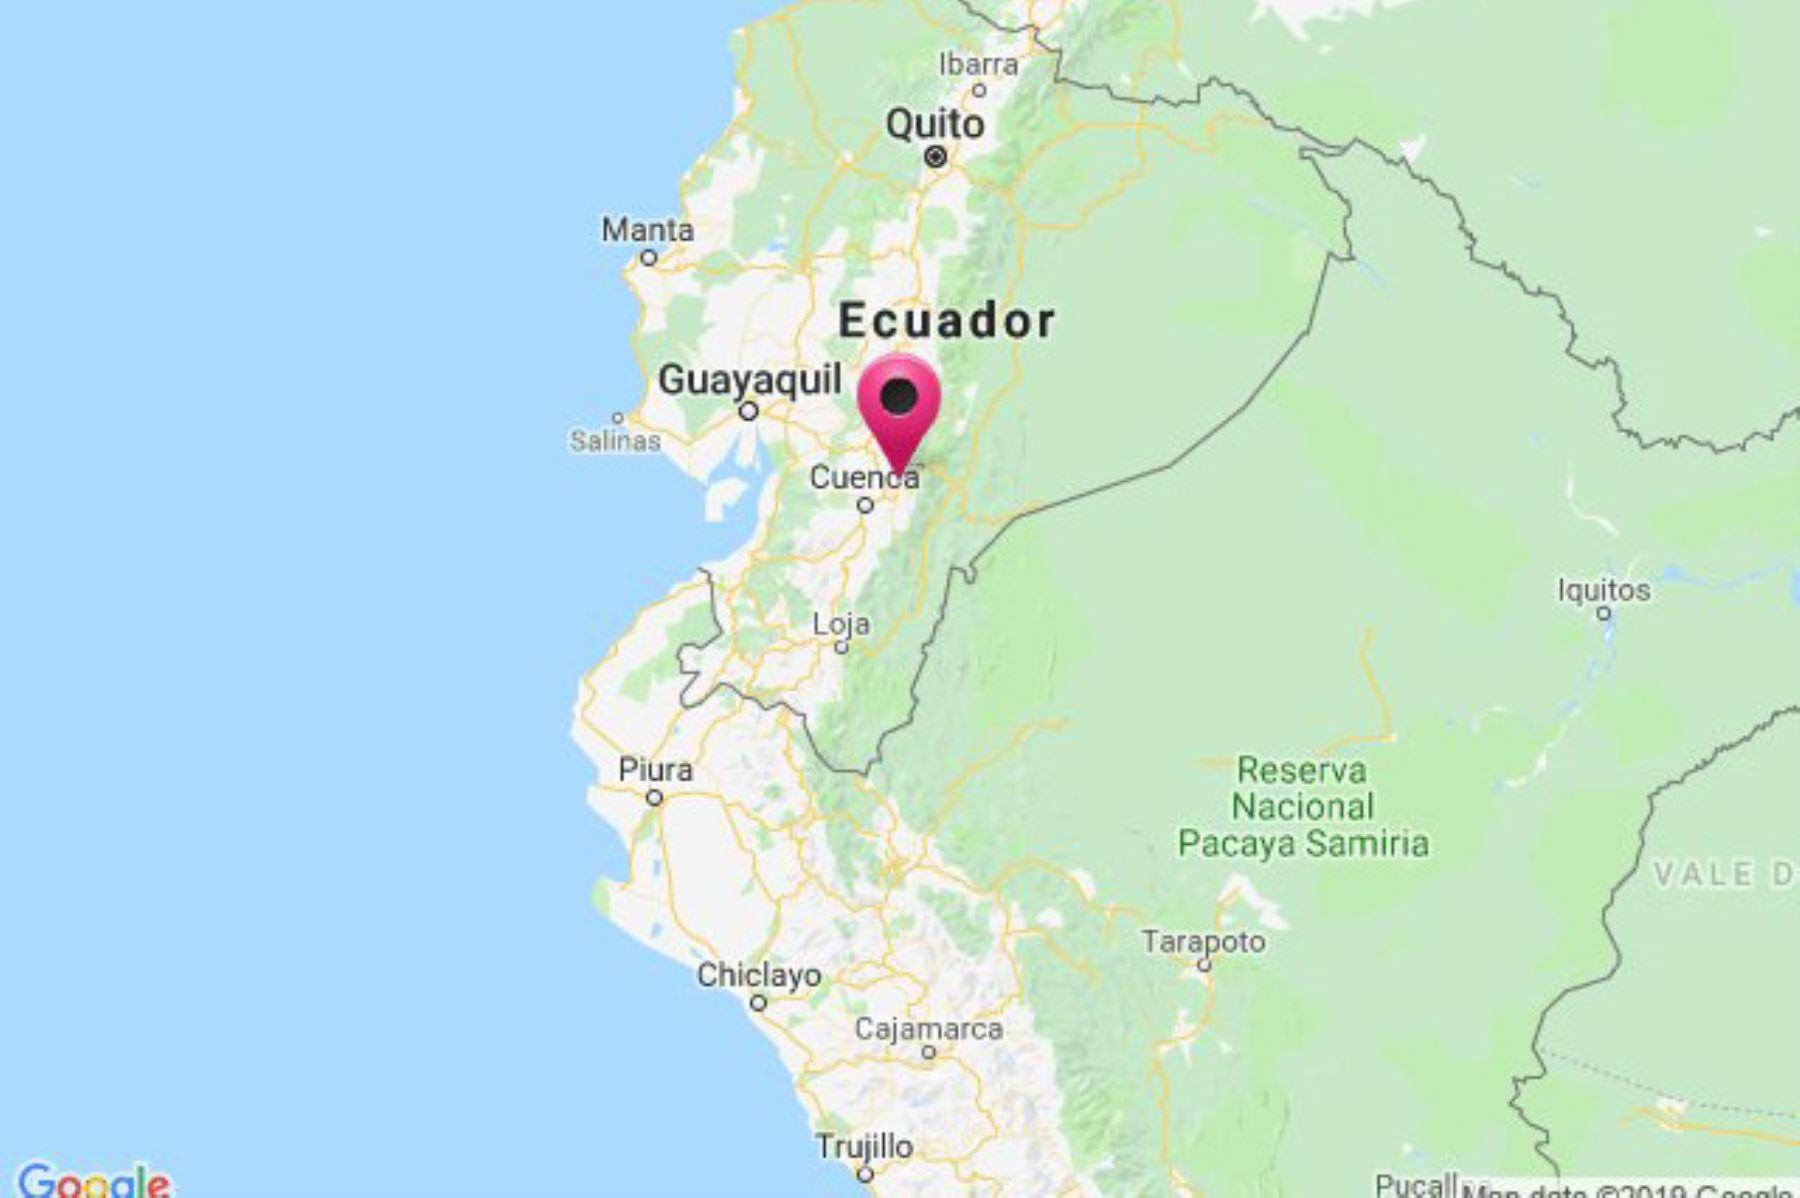 La ciudad de Zarumilla, en Tumbes, fue remecida por fuerte sismo con epicentro en Ecuador.